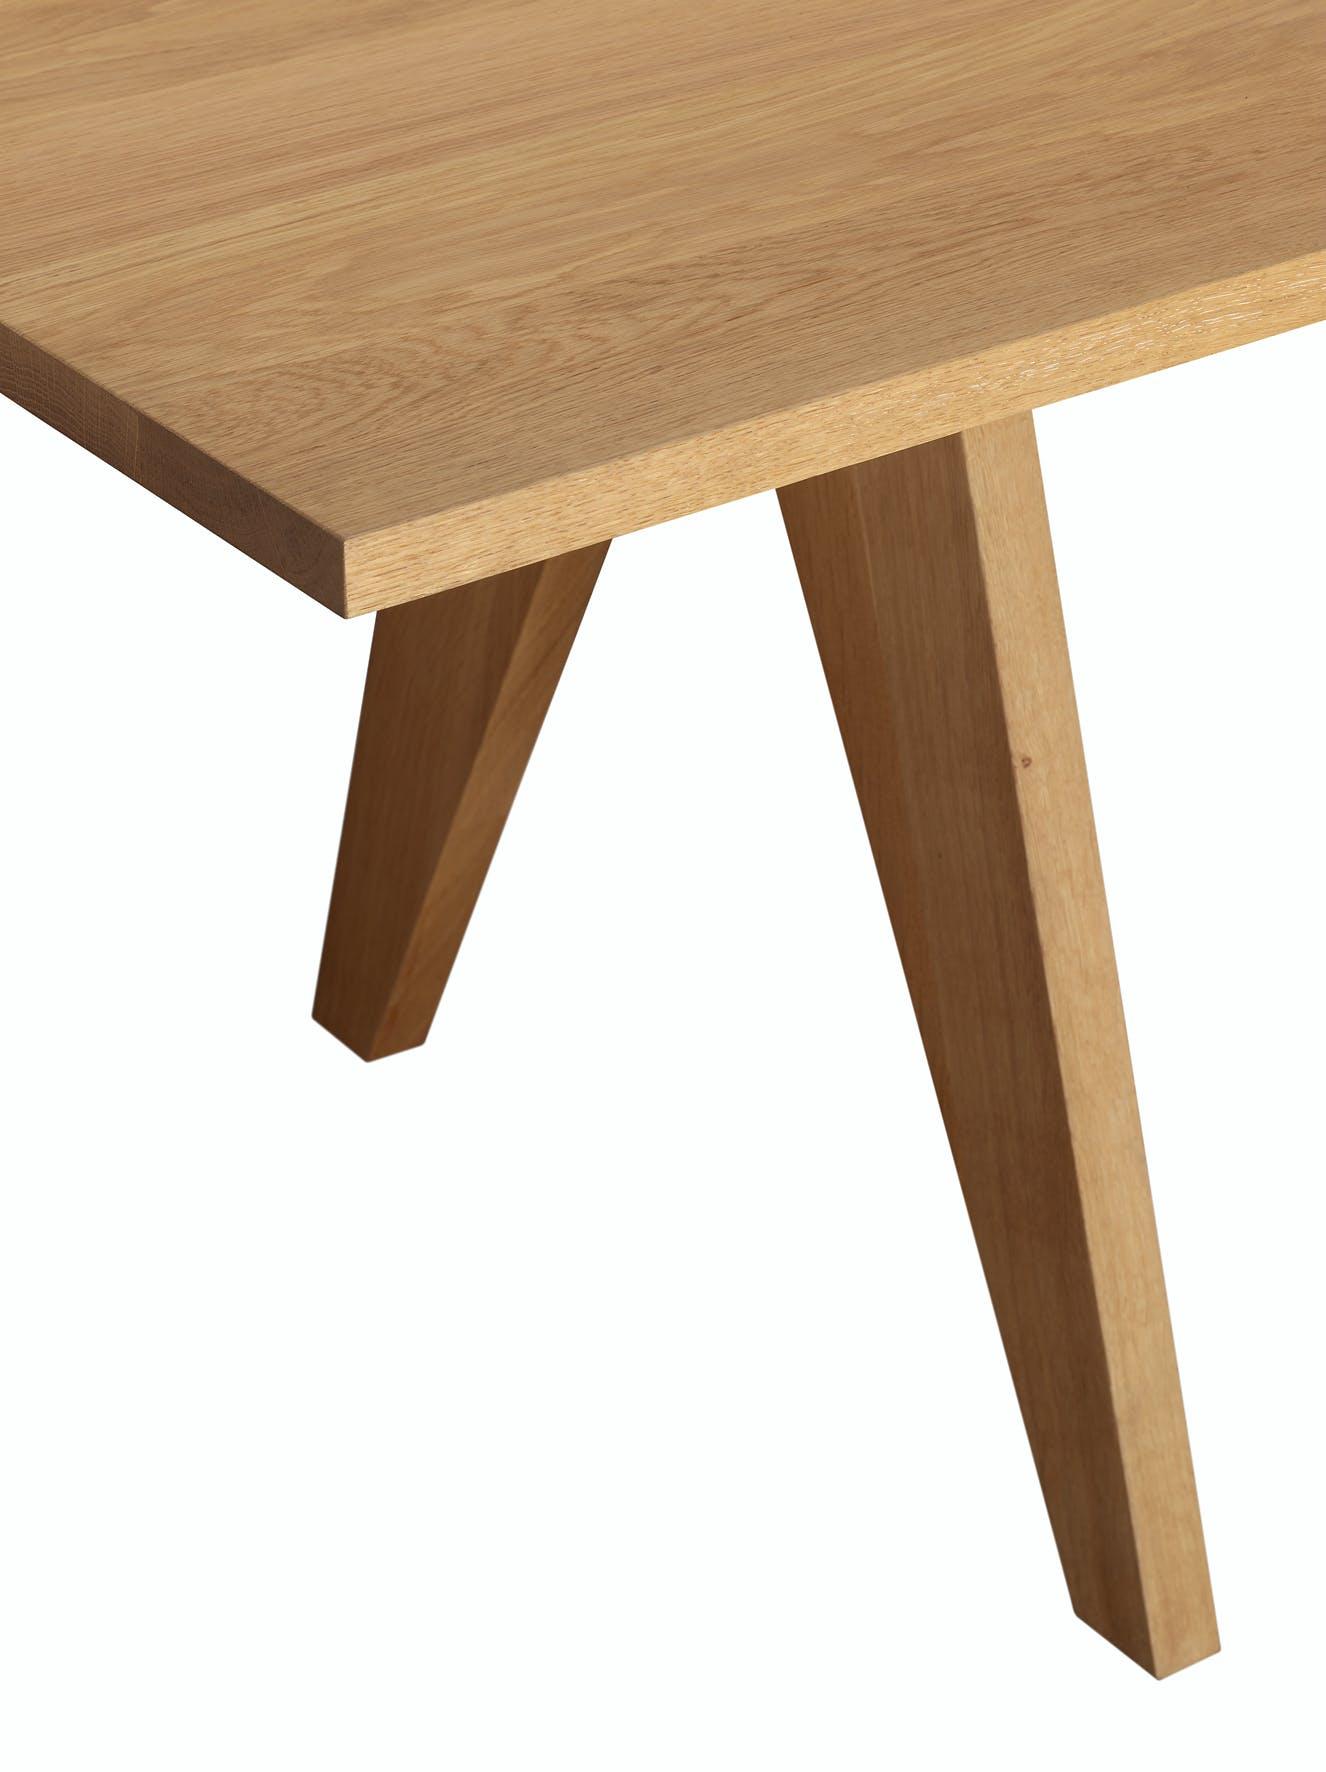 E15-furniture-alden-table-corner-close-haute-living